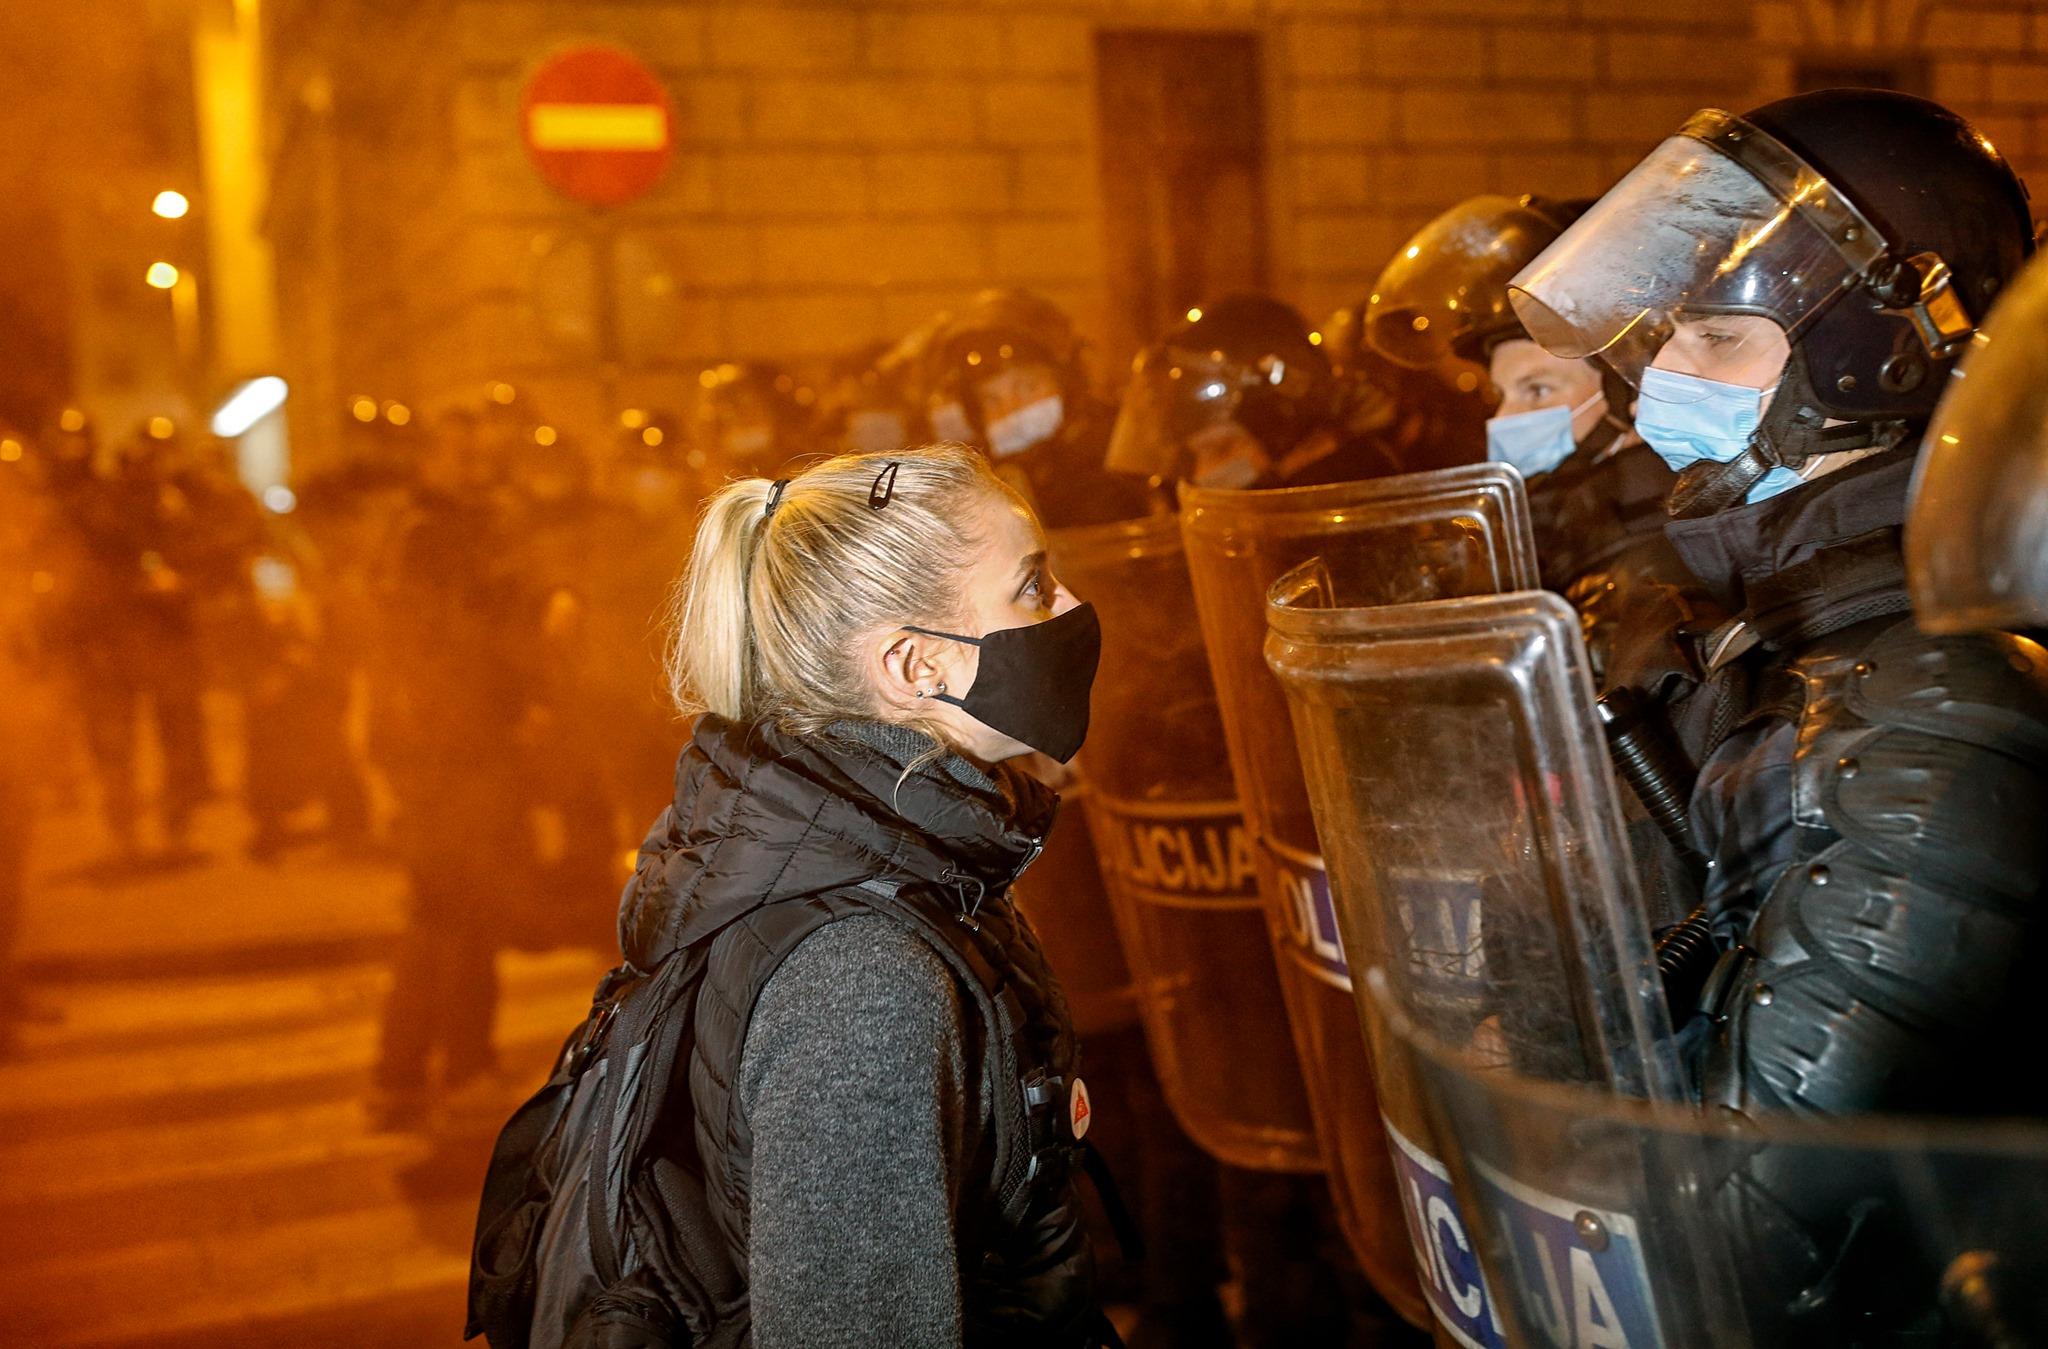 Policija ni bila agresivna do protestnikov